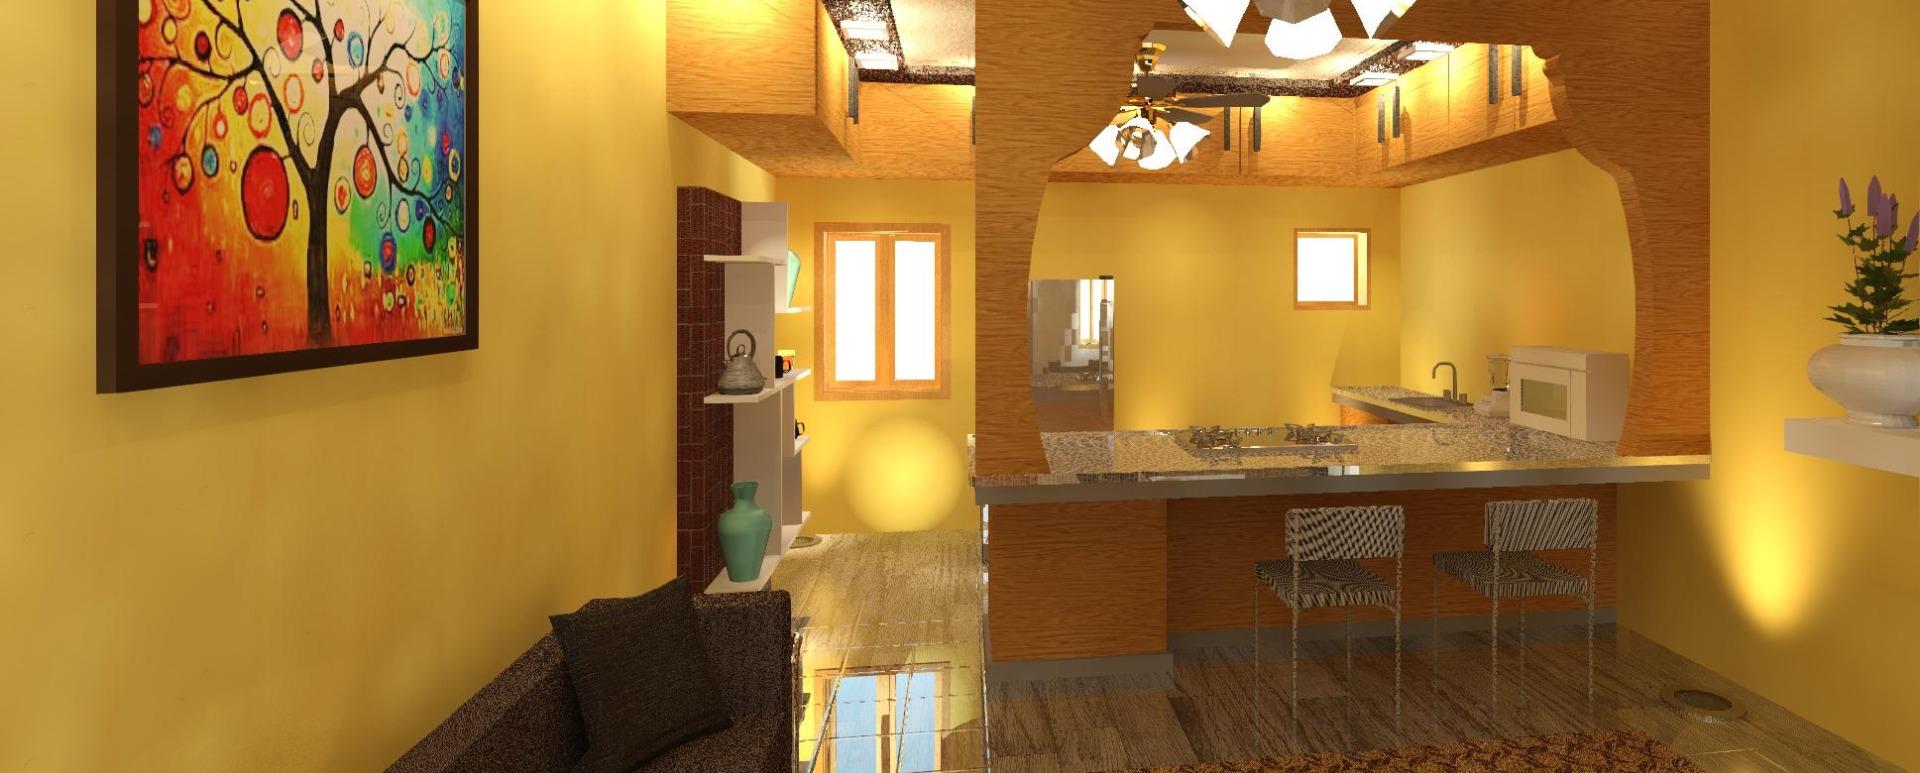 Nithyasri Engineering Constructions - Builder and Developer Agency in Sankarankovil, Tirunelveli